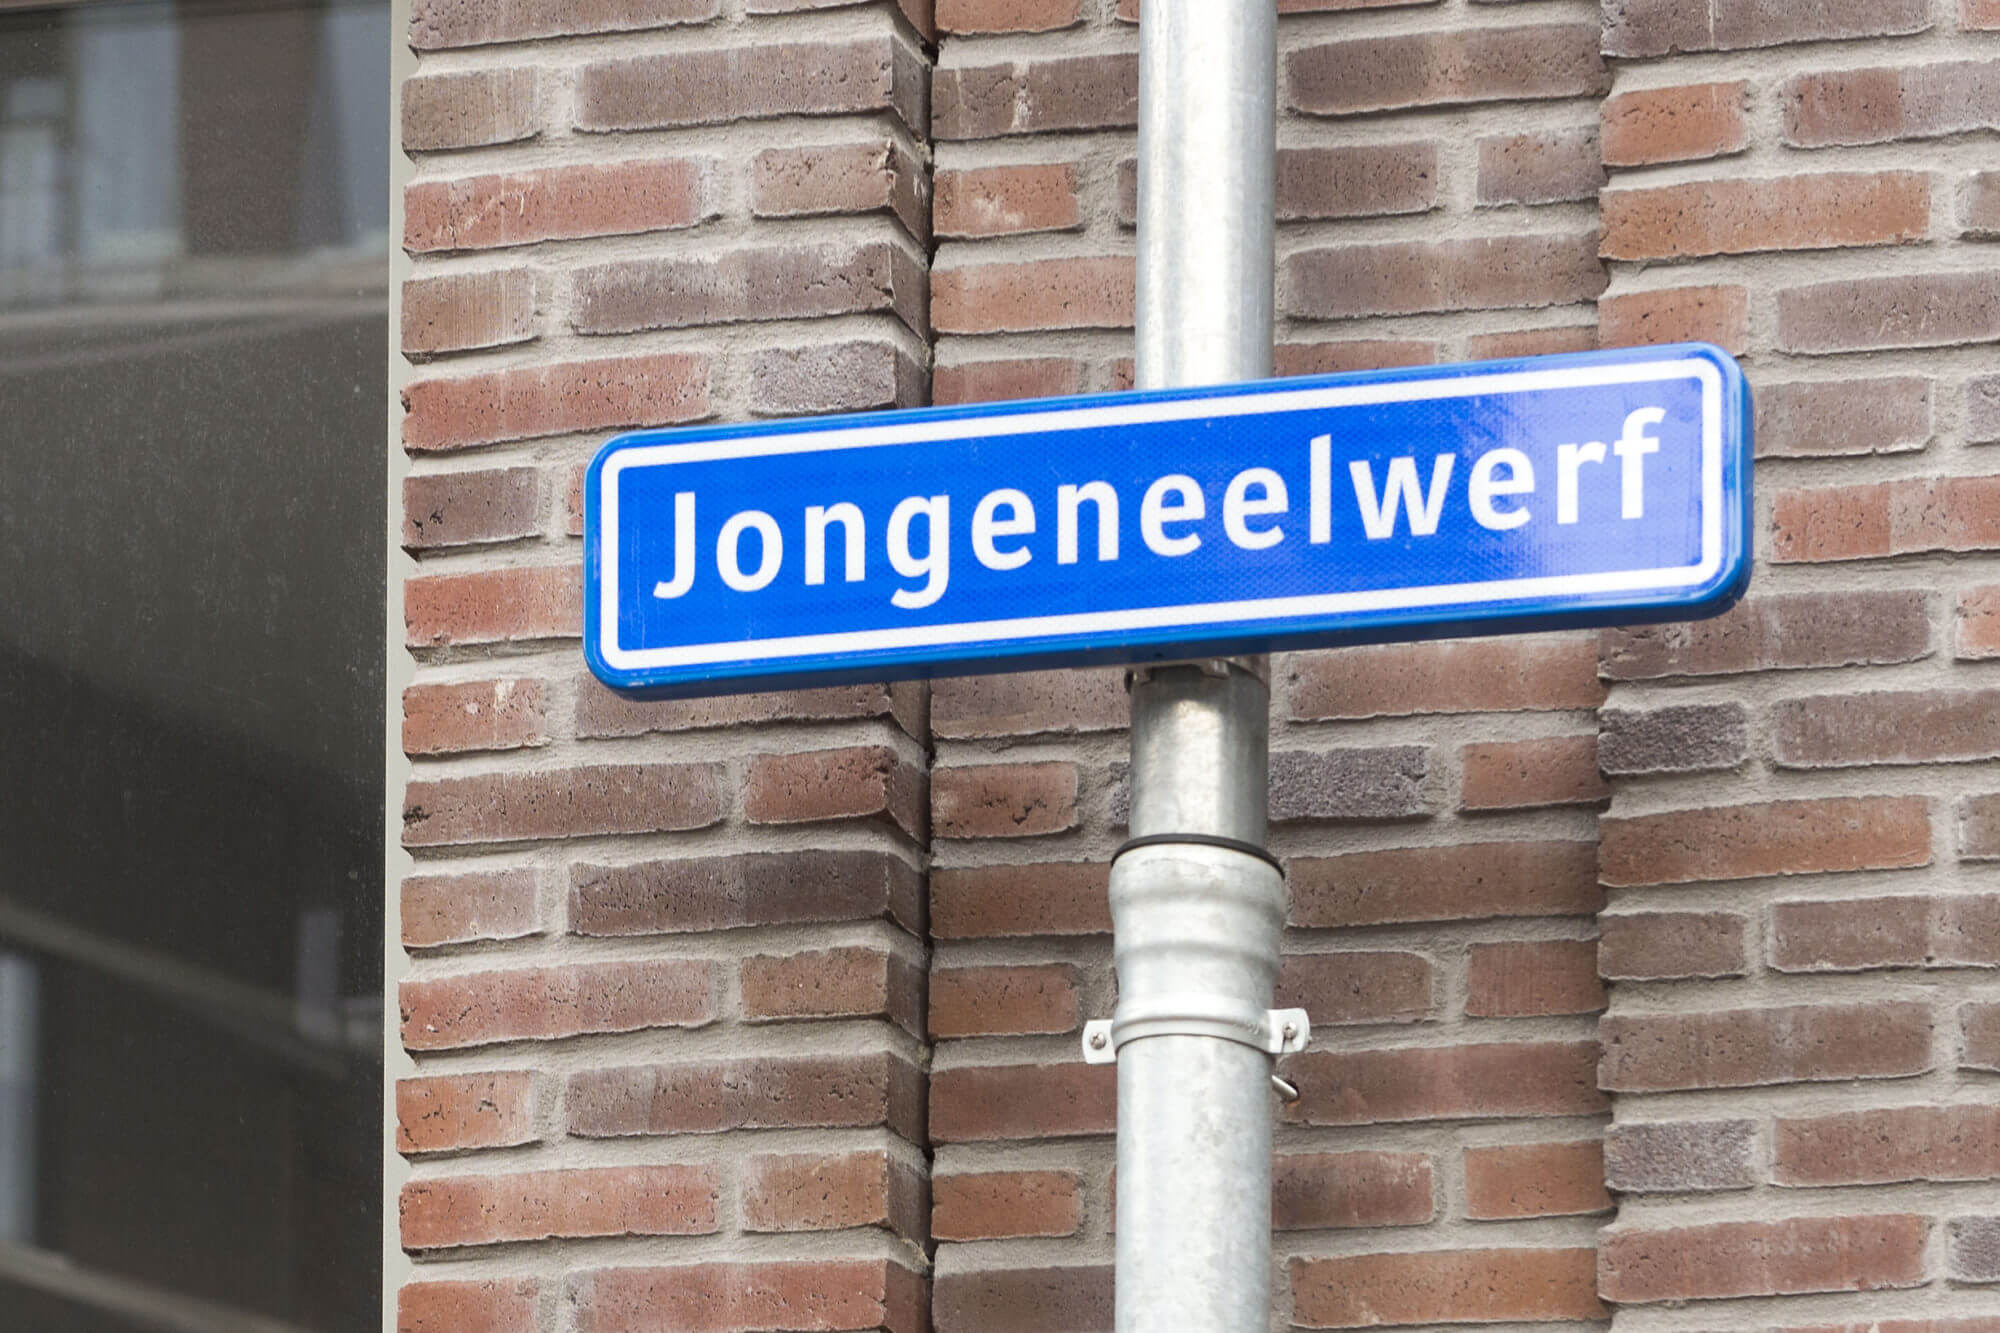 Straat vernoemd naar Jongeneel op Zijdebalen